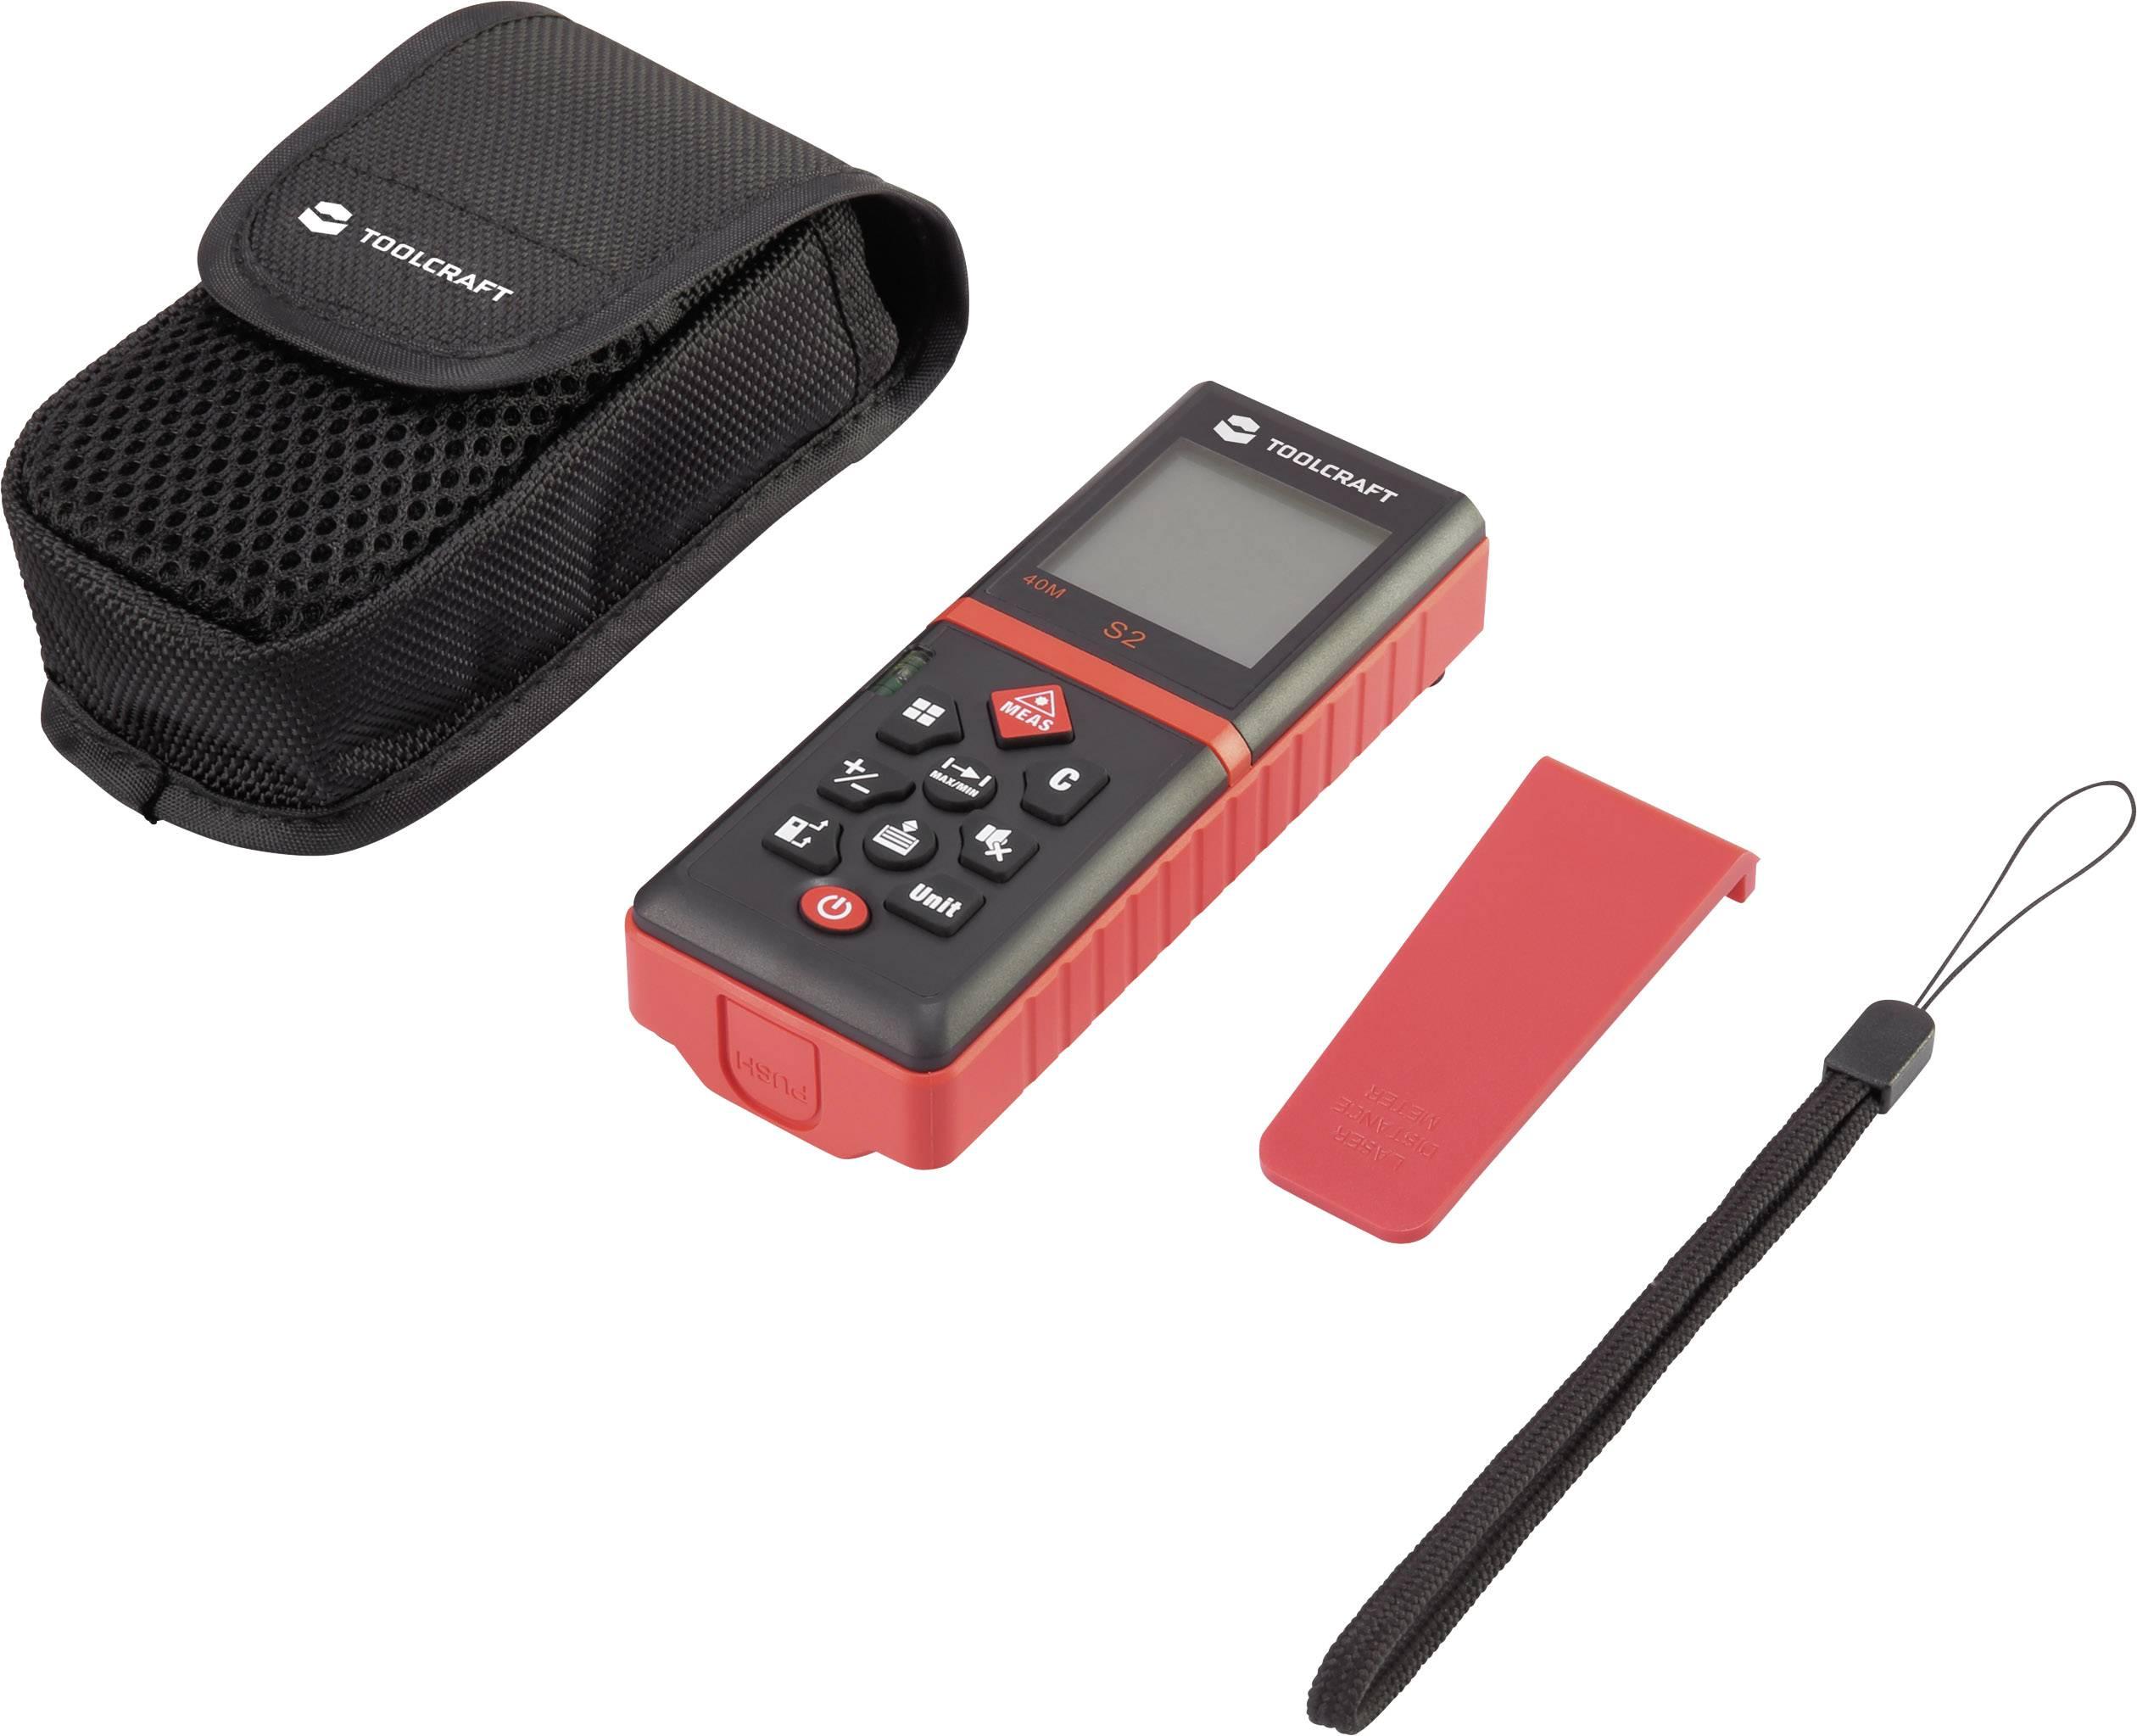 Ultraschall Entfernungsmesser Test : Workzone ultraschall entfernungsmesser test laser